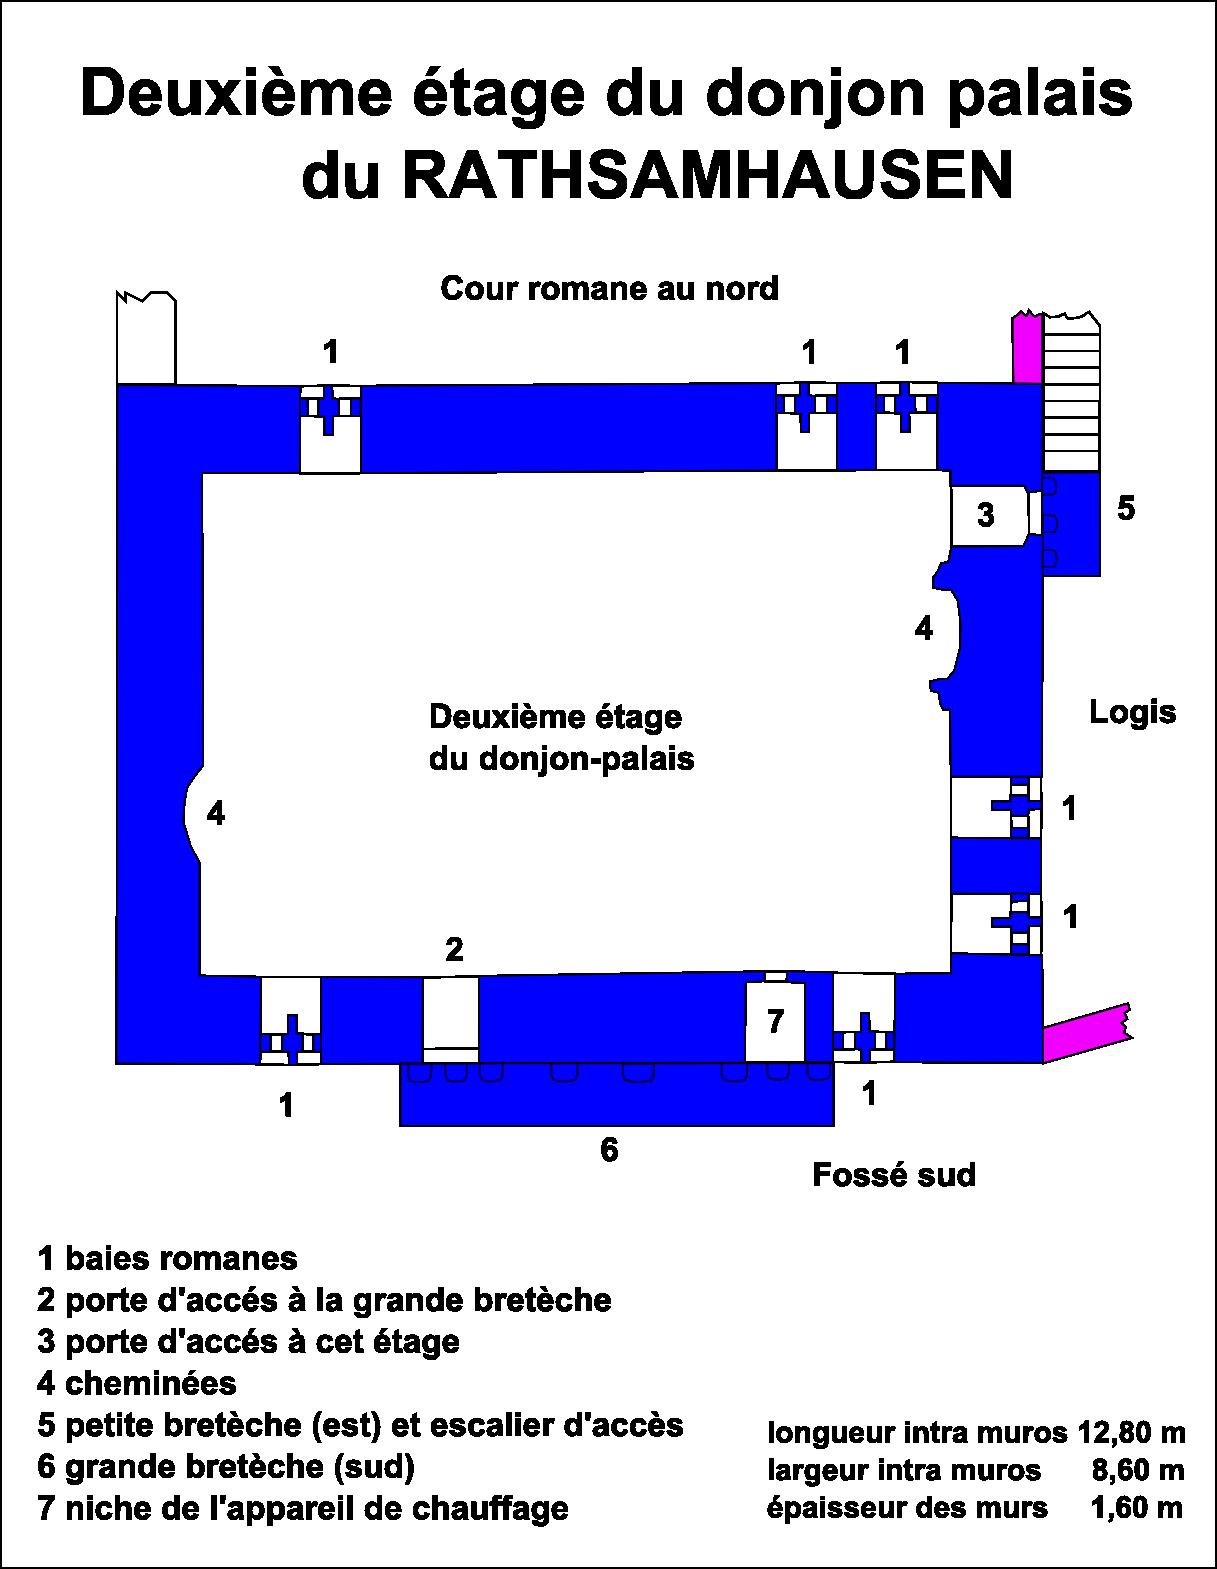 Les splendeurs du donjon-palais du Rathsamhausen